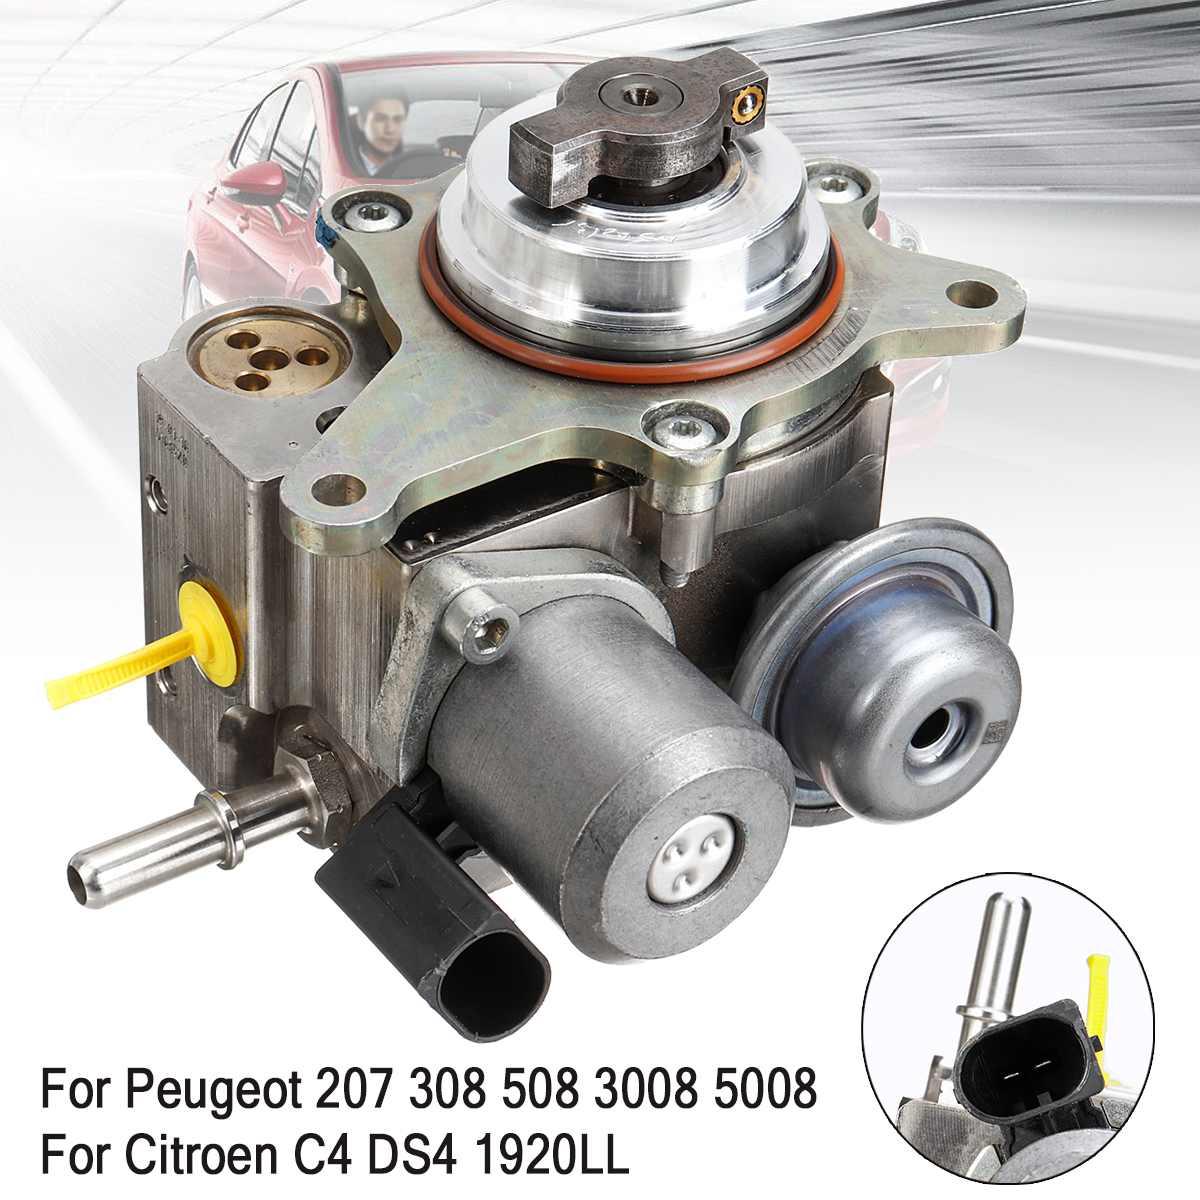 Benzina Pressione della Pompa Del Carburante 9819938480 13537528345 per Peugeot 207 308 3008 5008 508 1.6T Mini R55 R56 R57 R58 cooper CITROEN C4